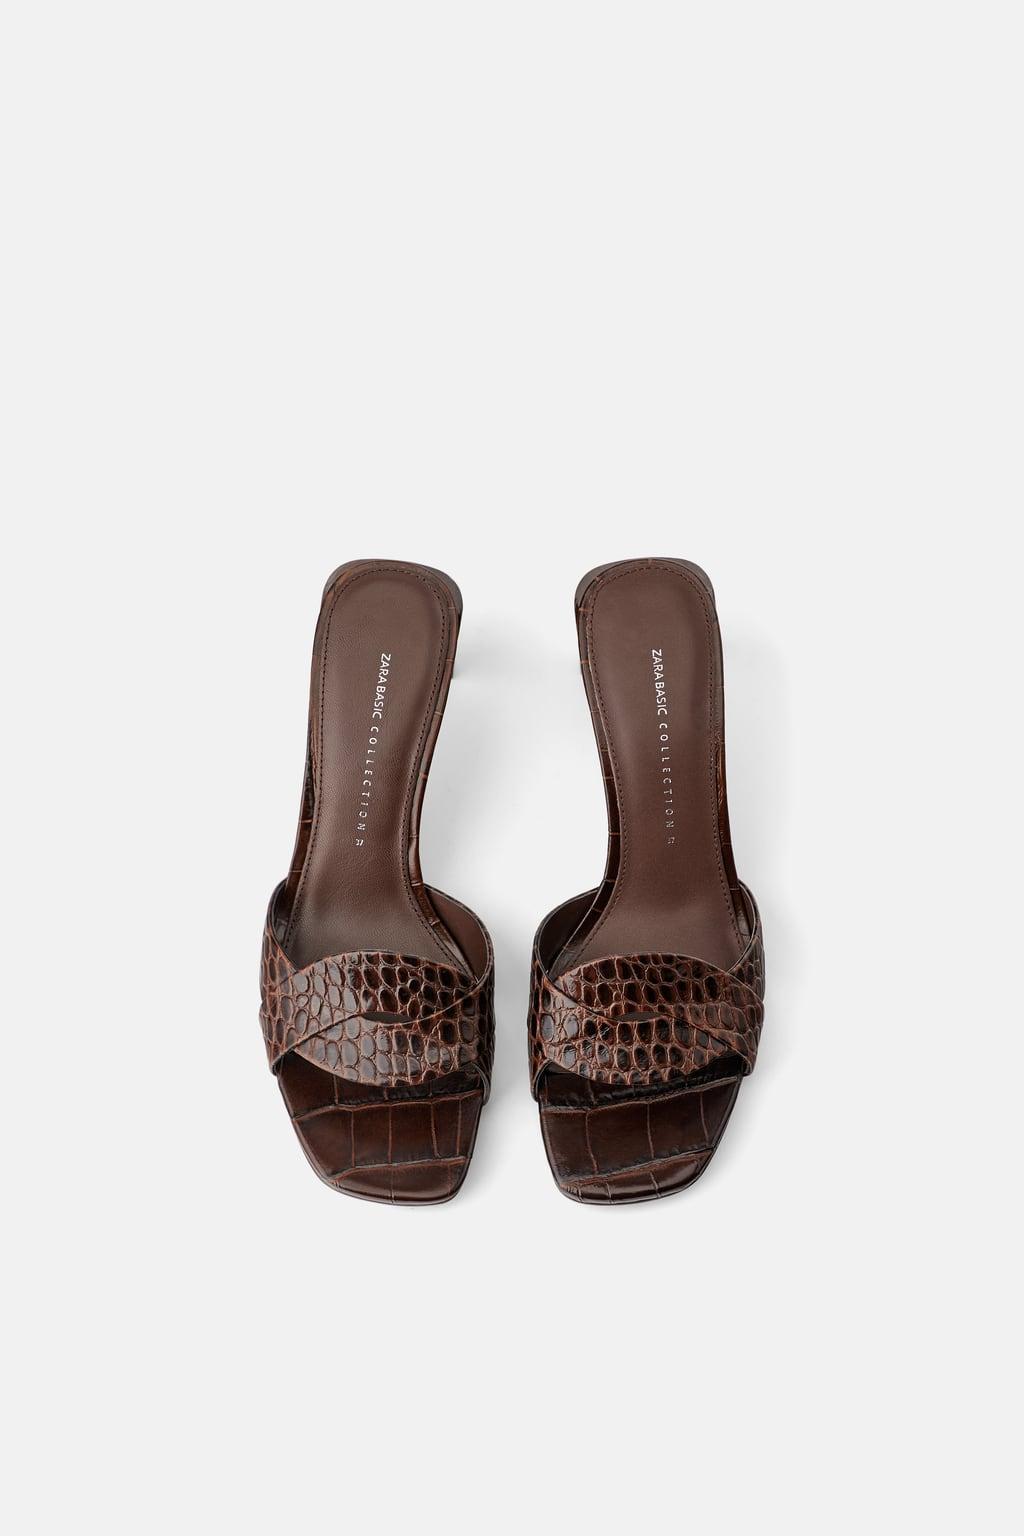 211f07e937a6cc Estas sandalias de Zara van a ser toda una novedad en esta próxima  primavera. Se trata de un modelo de tacón de piel de color marrón, que  cuentan con ...